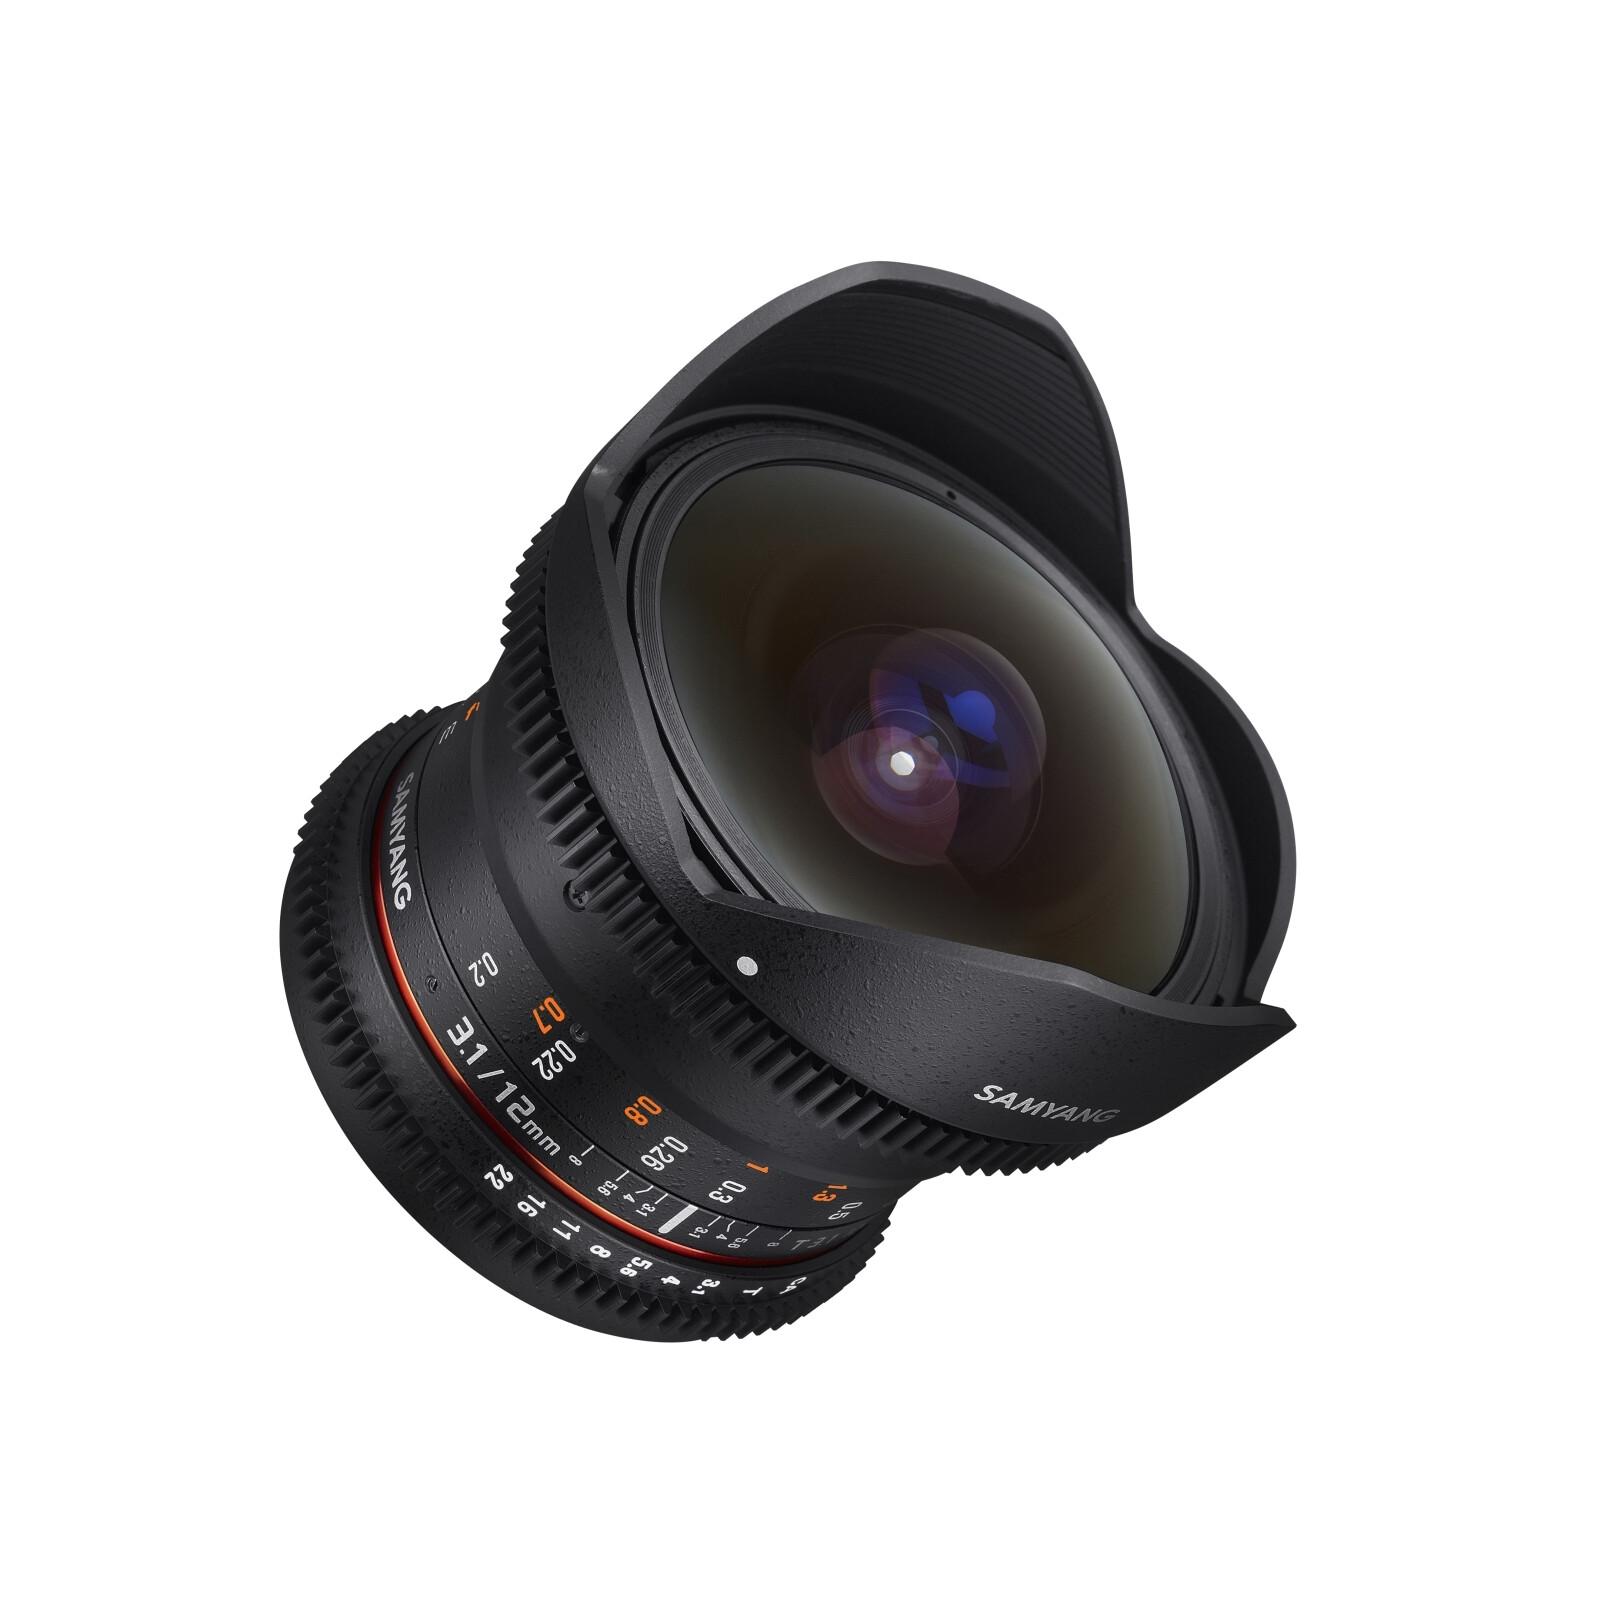 Samyang MF 12/3,1 Fisheye Video DSLR Sony A